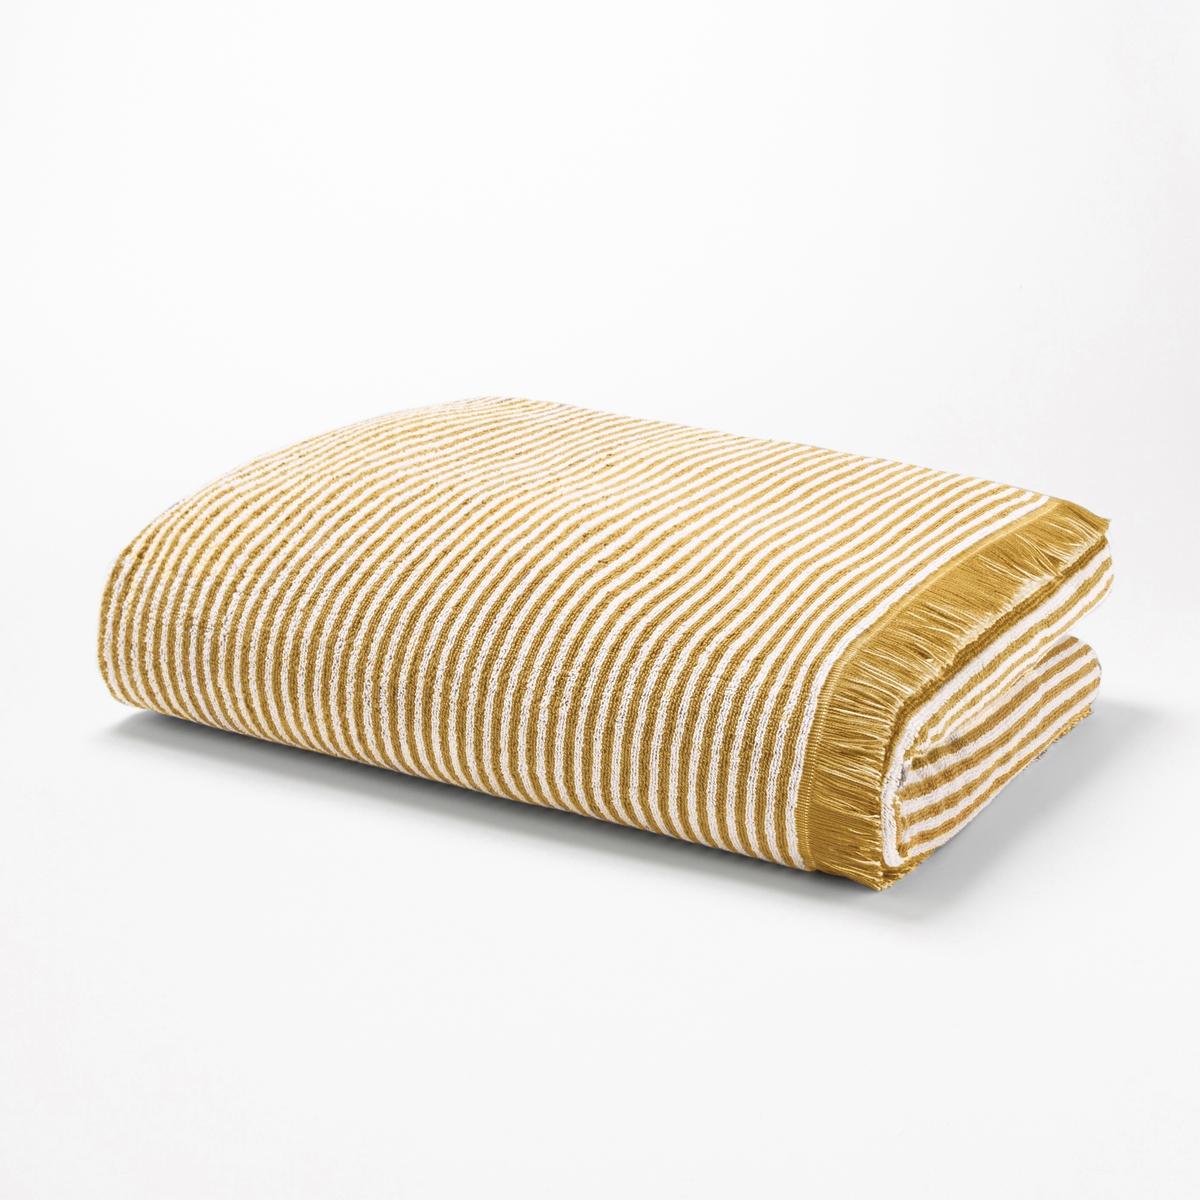 Полотенце банное в полоску из махровой ткани HARMONYОписание:Красивый и элегантный рисунок в полоску, банное полотенце из махровой ткани Harmony современных и оригинальных расцветок. Сделано в Португалии.Характеристики банного полотенца Harmony :Махровая ткань с жаккардовым рисунком, 100% хлопок, 500 г/м?.Рисунок в полоску на белом фоне, отделка бахромой.Машинная стирка при 60° и барабанная сушка.Размеры банного полотенца Harmony :70 x 140 смОткройте для себя всю коллекцию Harmony на сайте laredoute.ruЗнак Oeko-Tex® гарантирует, что товары протестированы и сертифицированы и не содержат вредных для здоровья веществ.<br><br>Цвет: желтый кукурузный